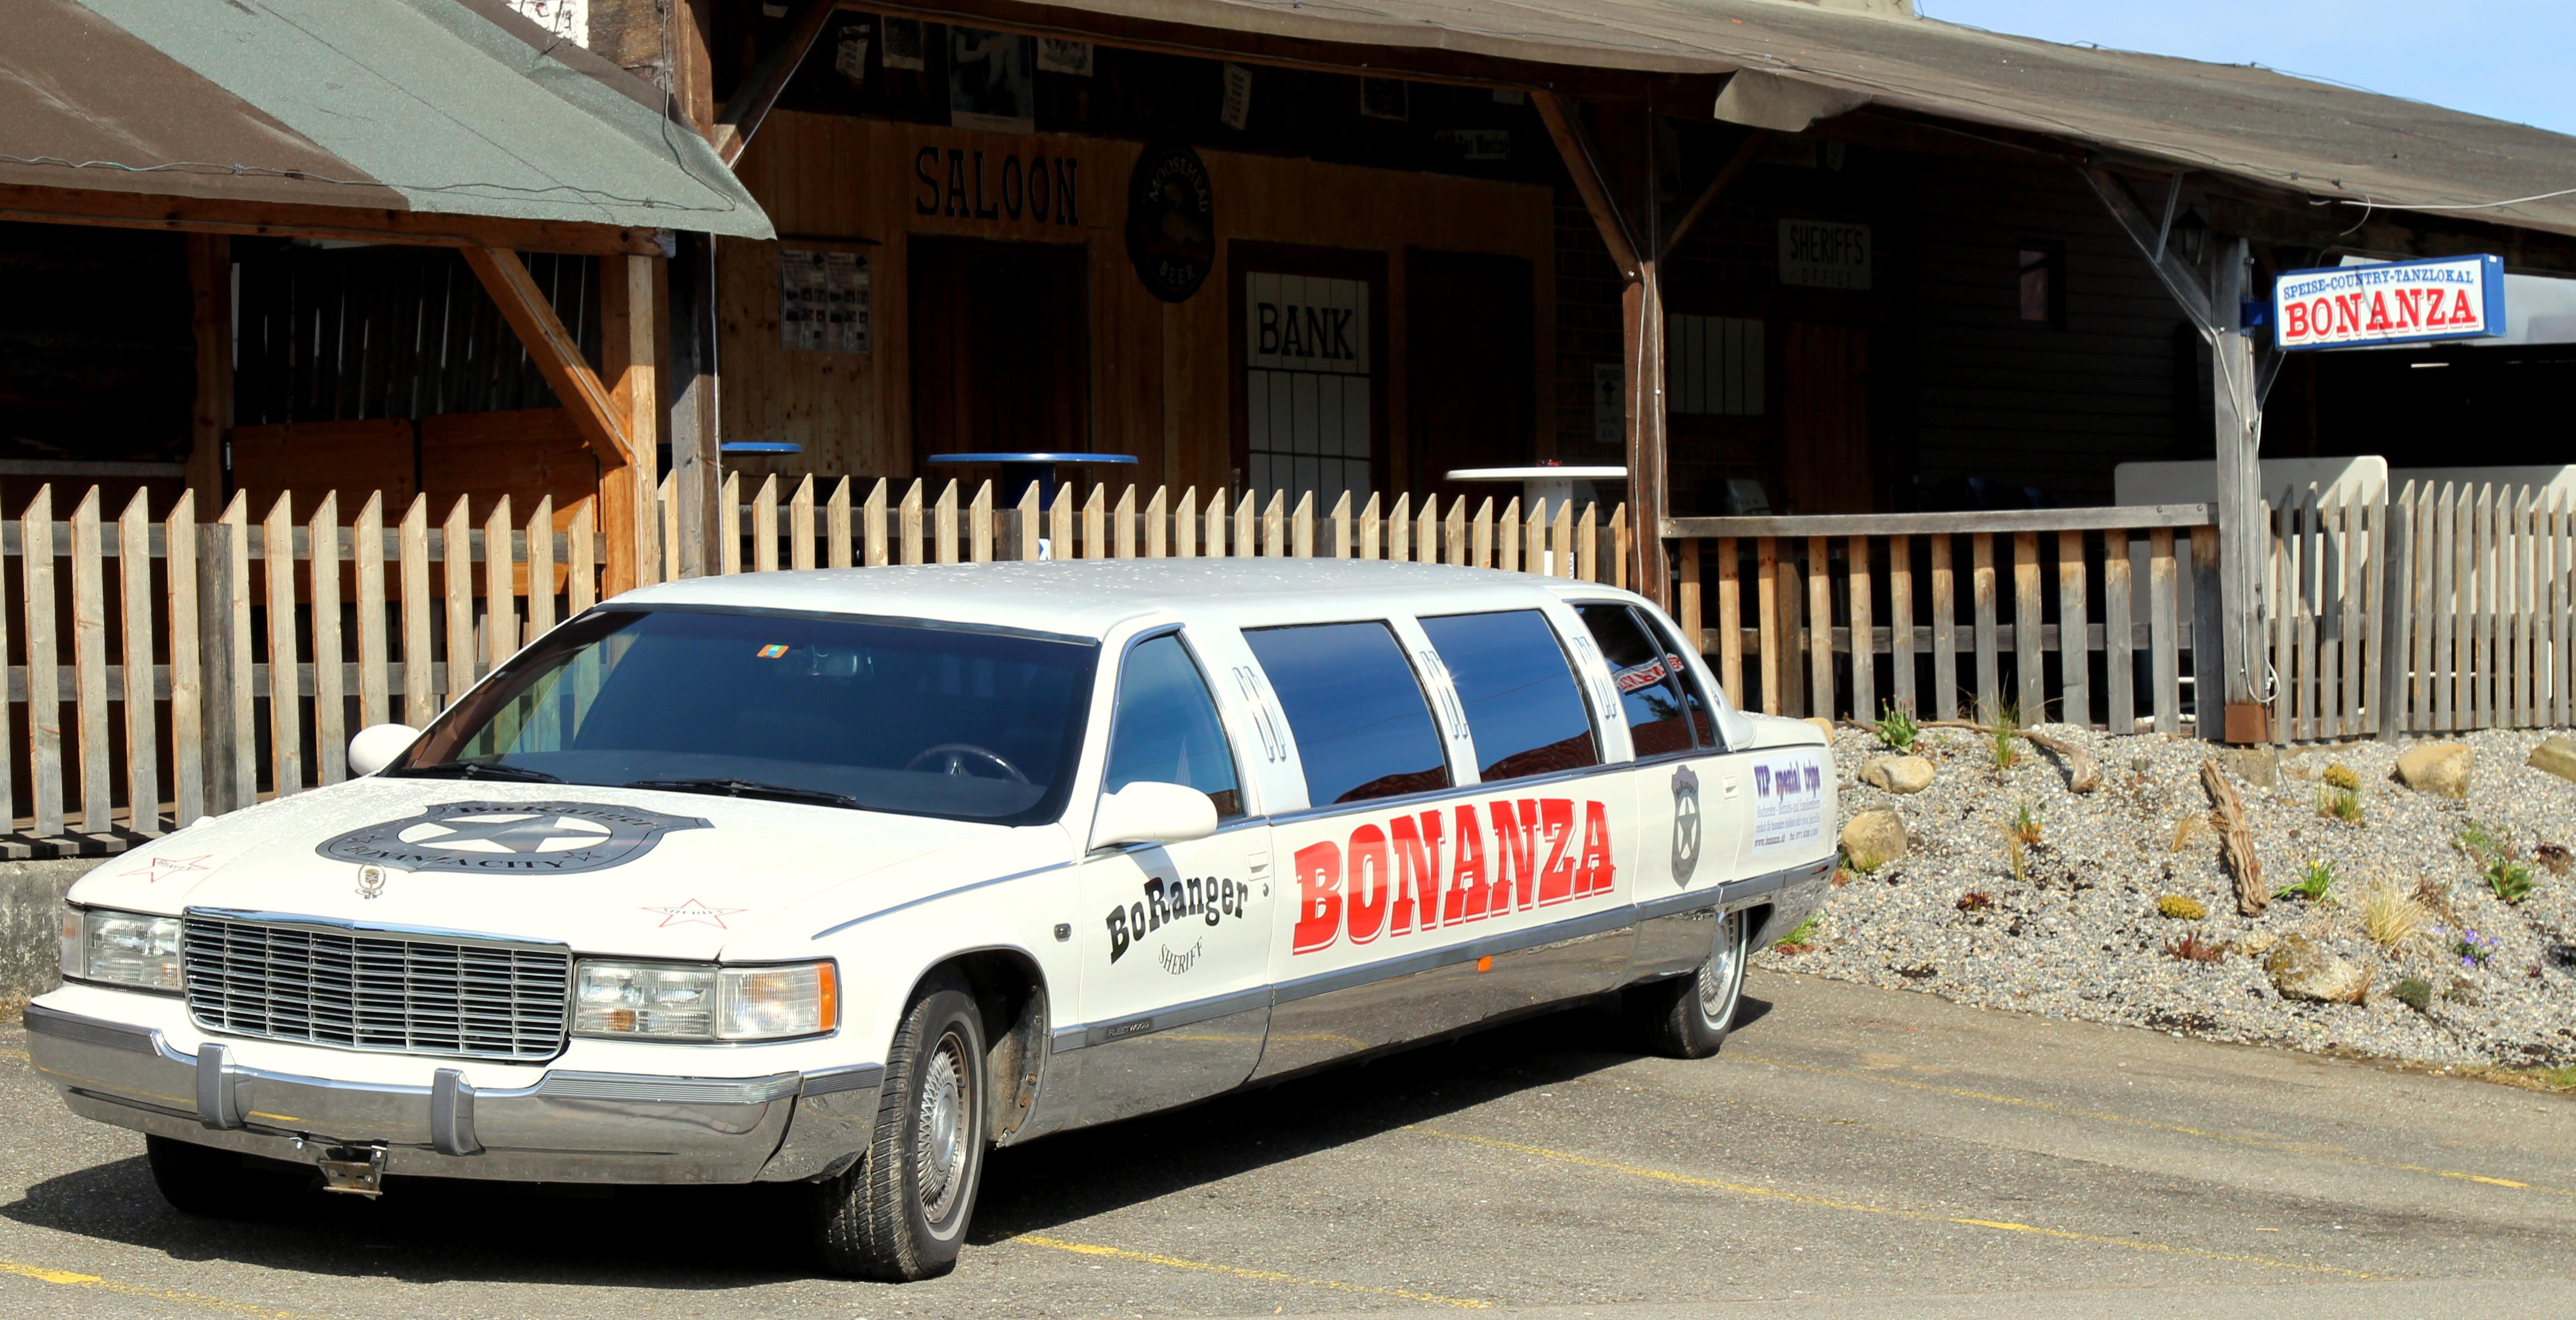 Bonanza Limousine 058JPG